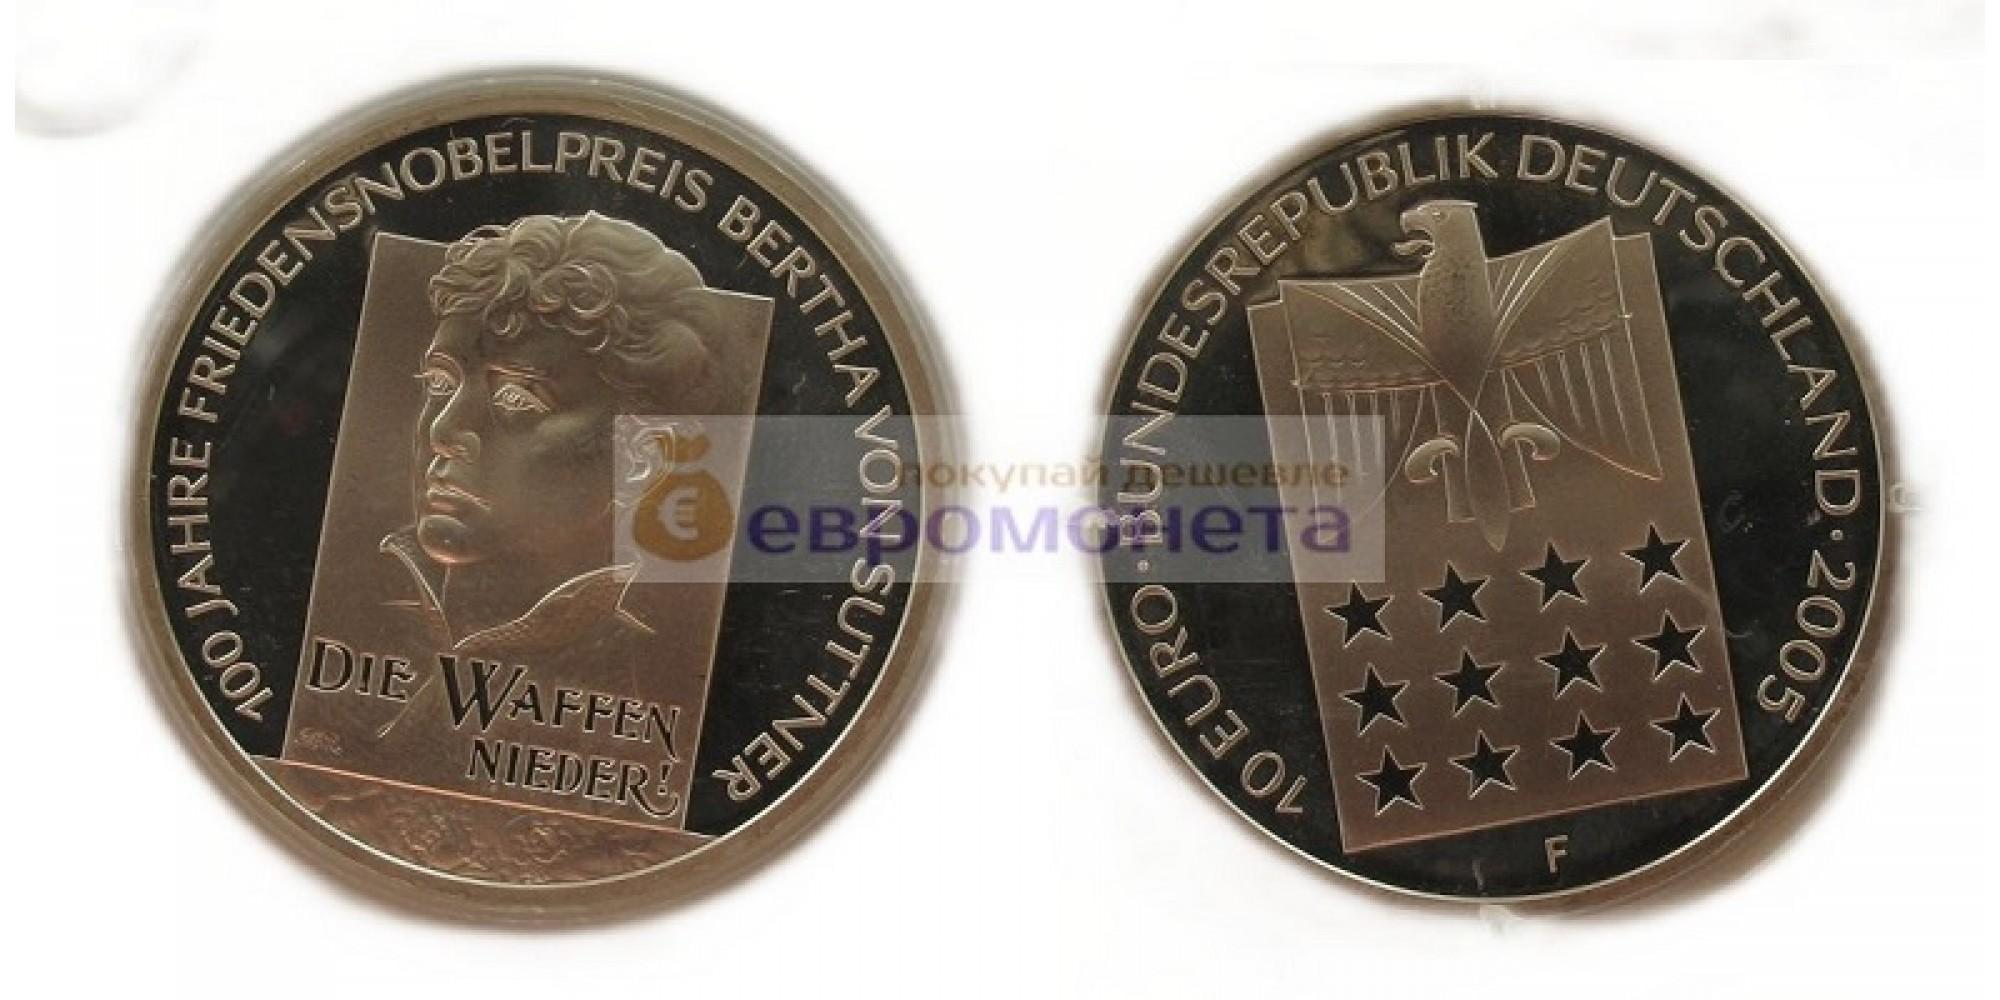 Германия 10 евро, 2005 год.100 лет вручения Нобелевской премии Берте фон Зутнер. Пруф (Proof )